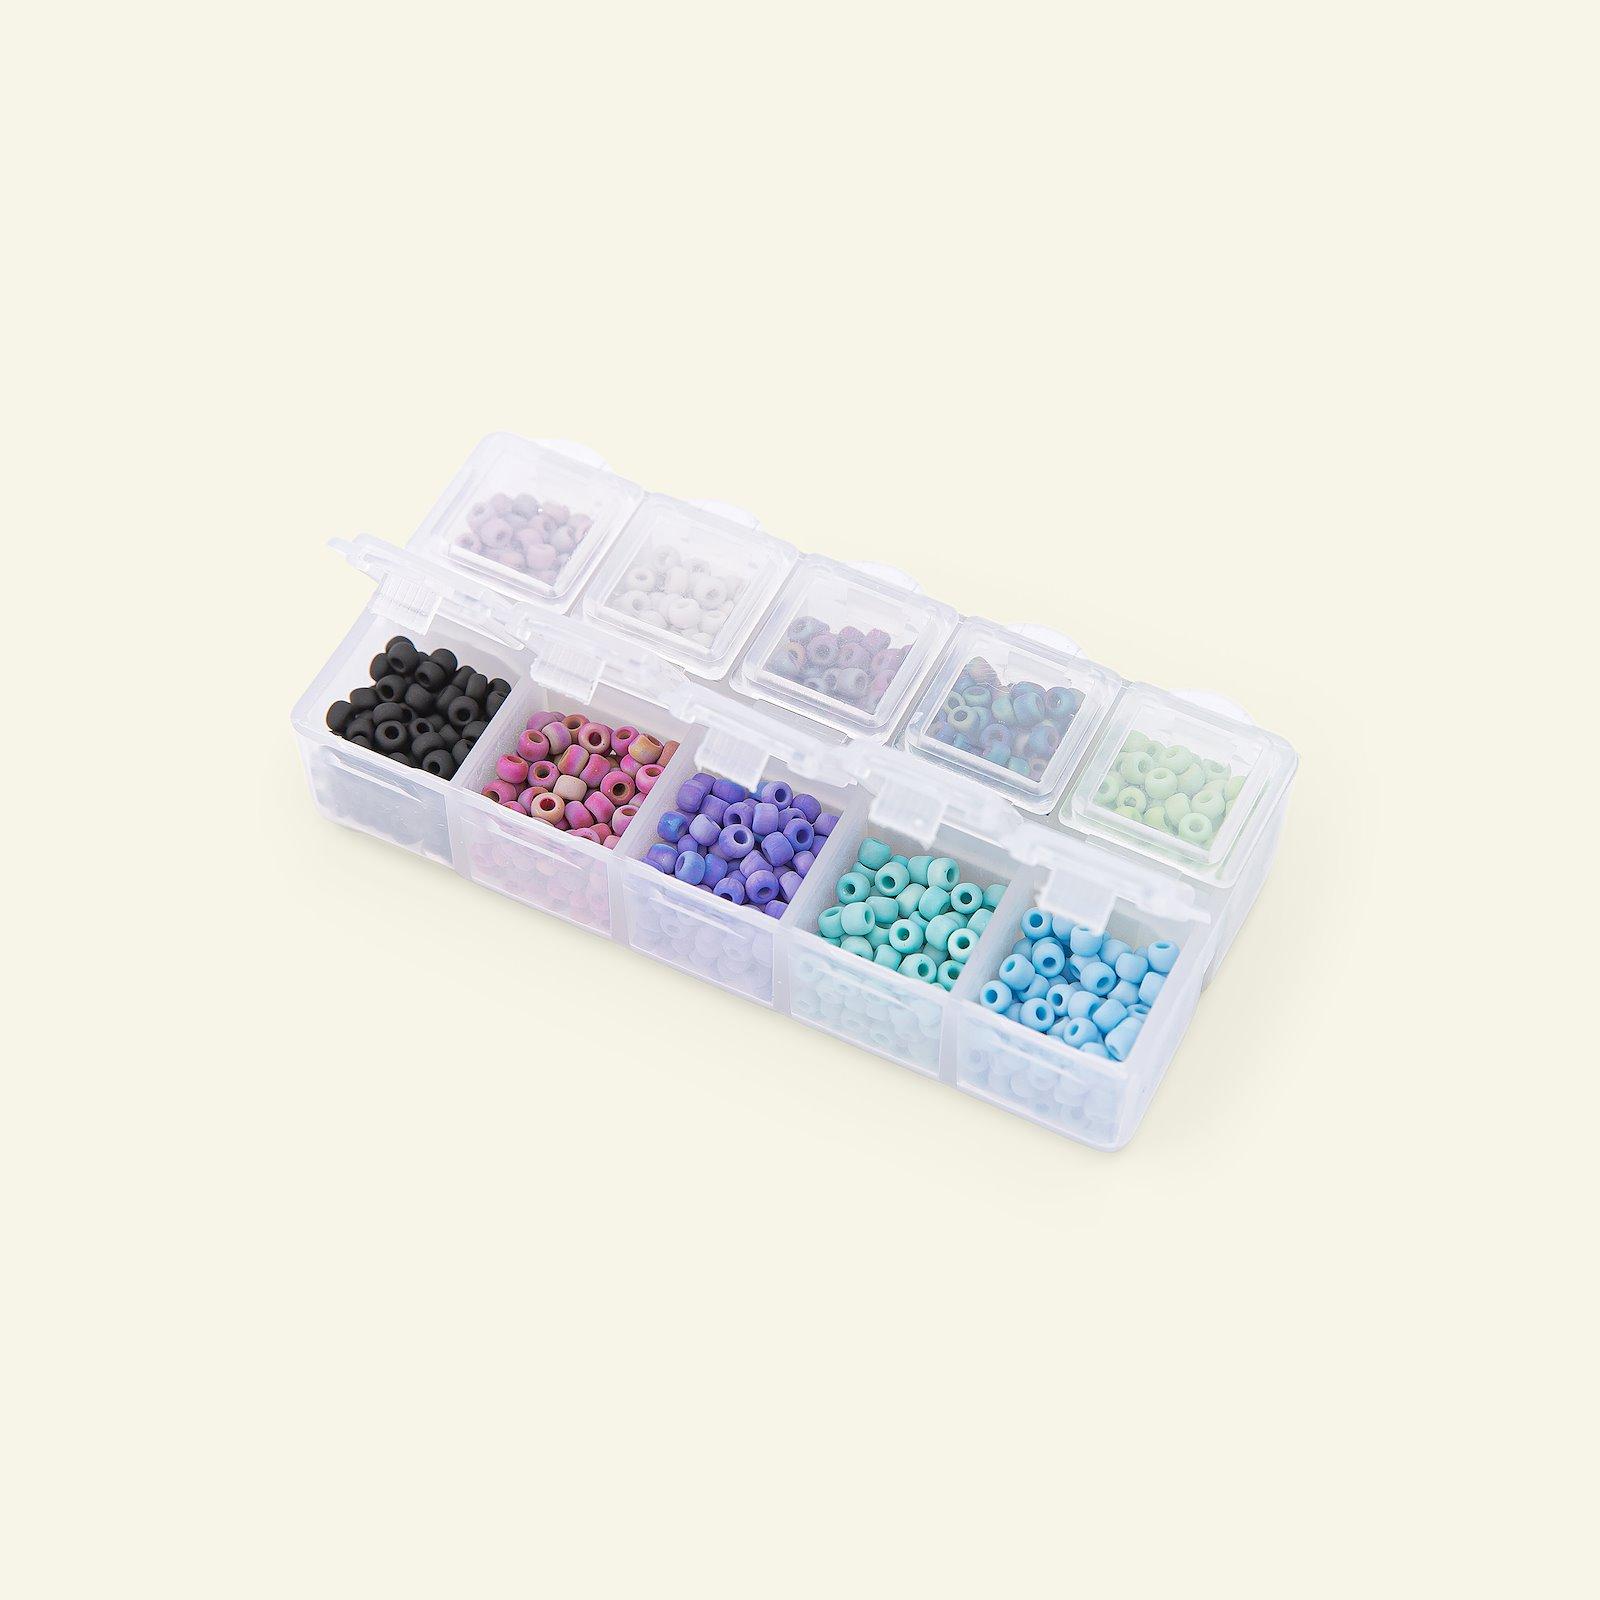 Matsuno Glasperlen rund 8/0 10farbig 40g 47197_pack_c